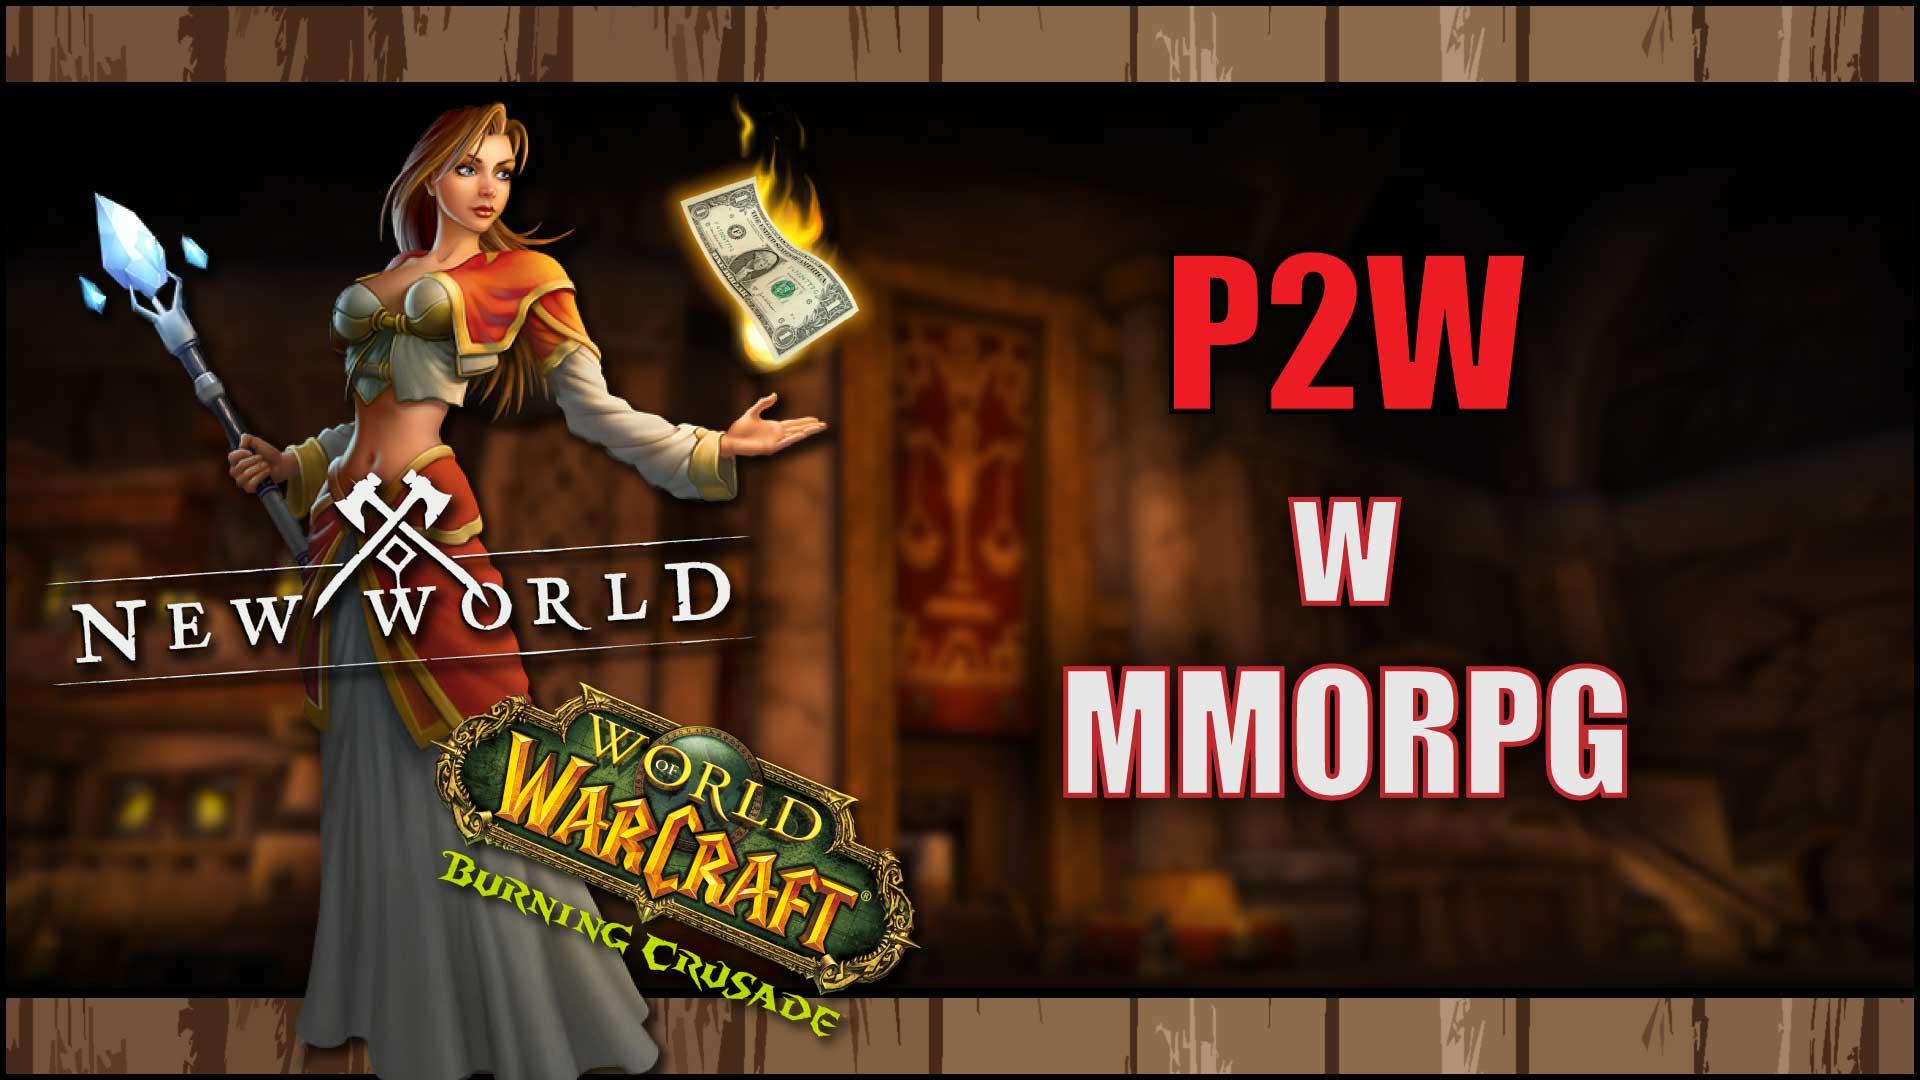 P2W wMMORPG New World The burning Crusade